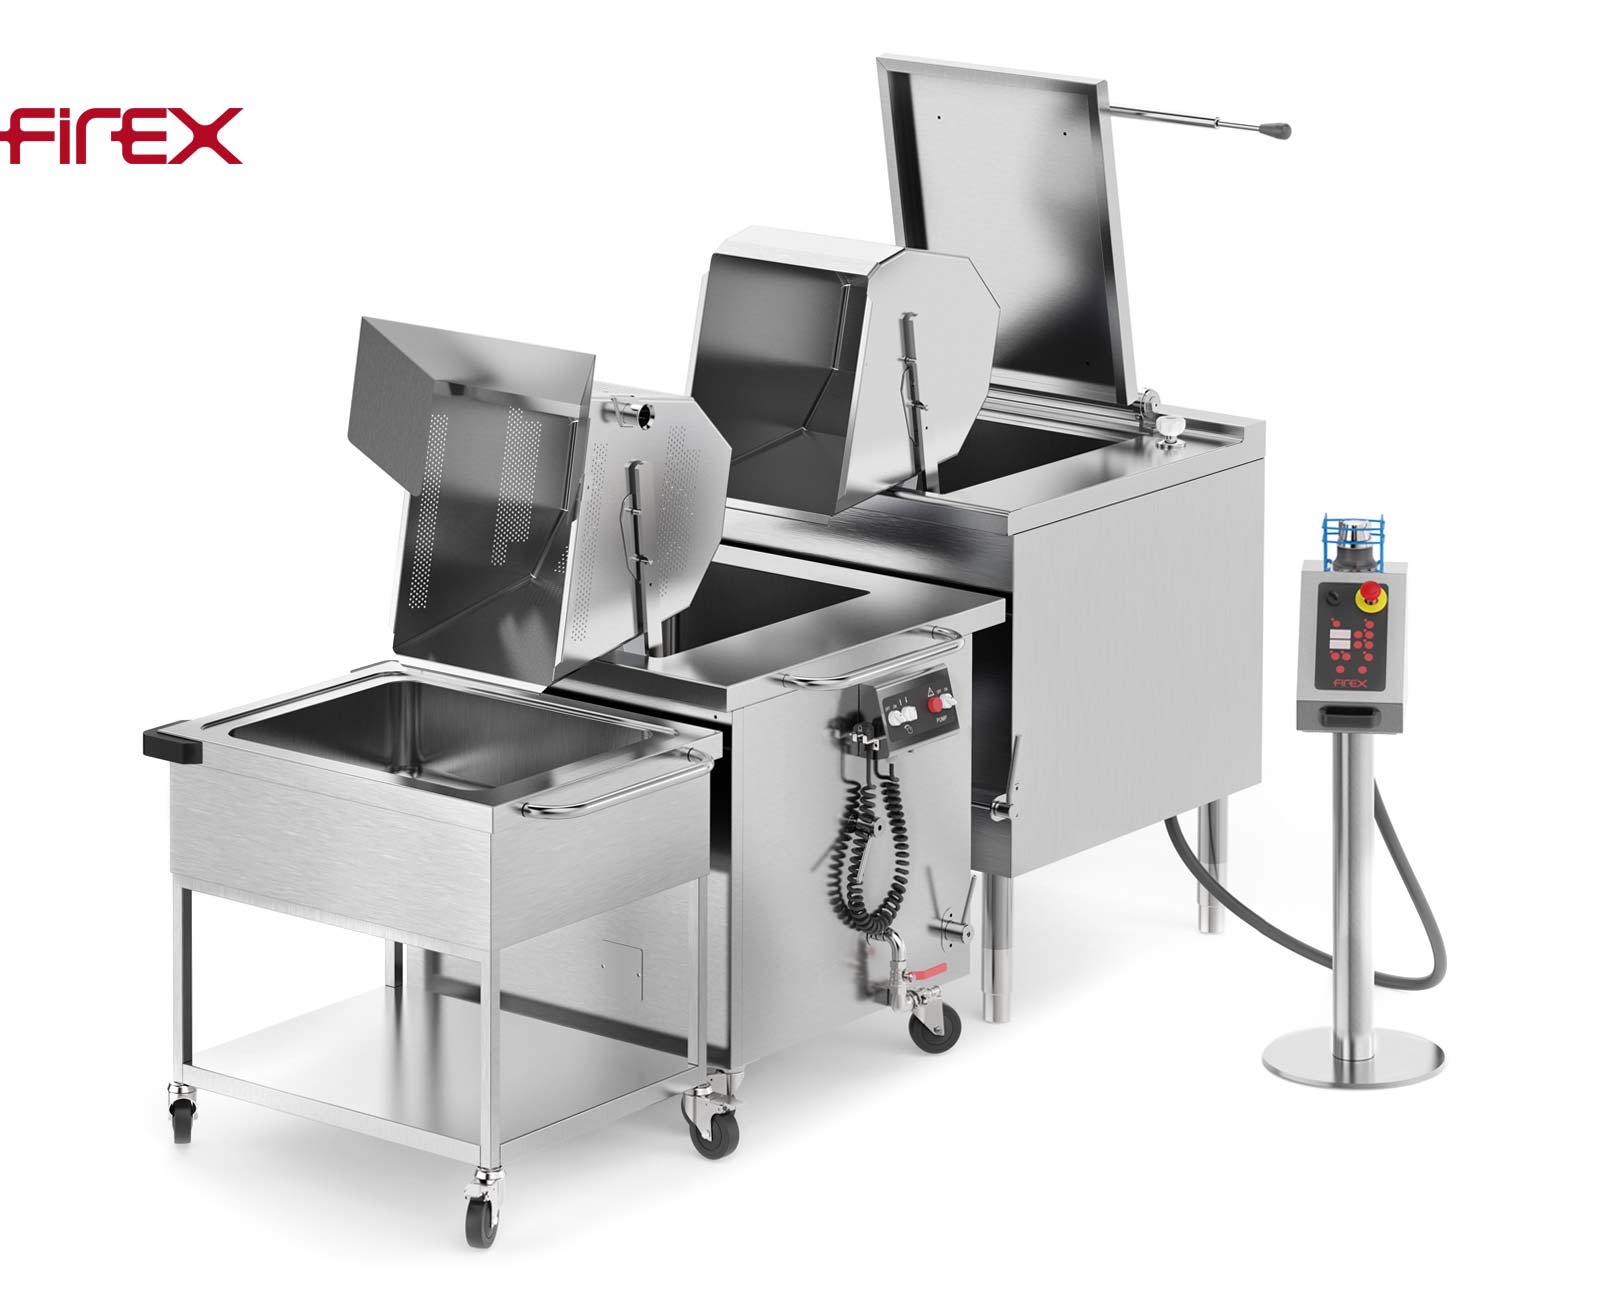 Firex Multicooker automatische Nudelkocher Prozesslinie